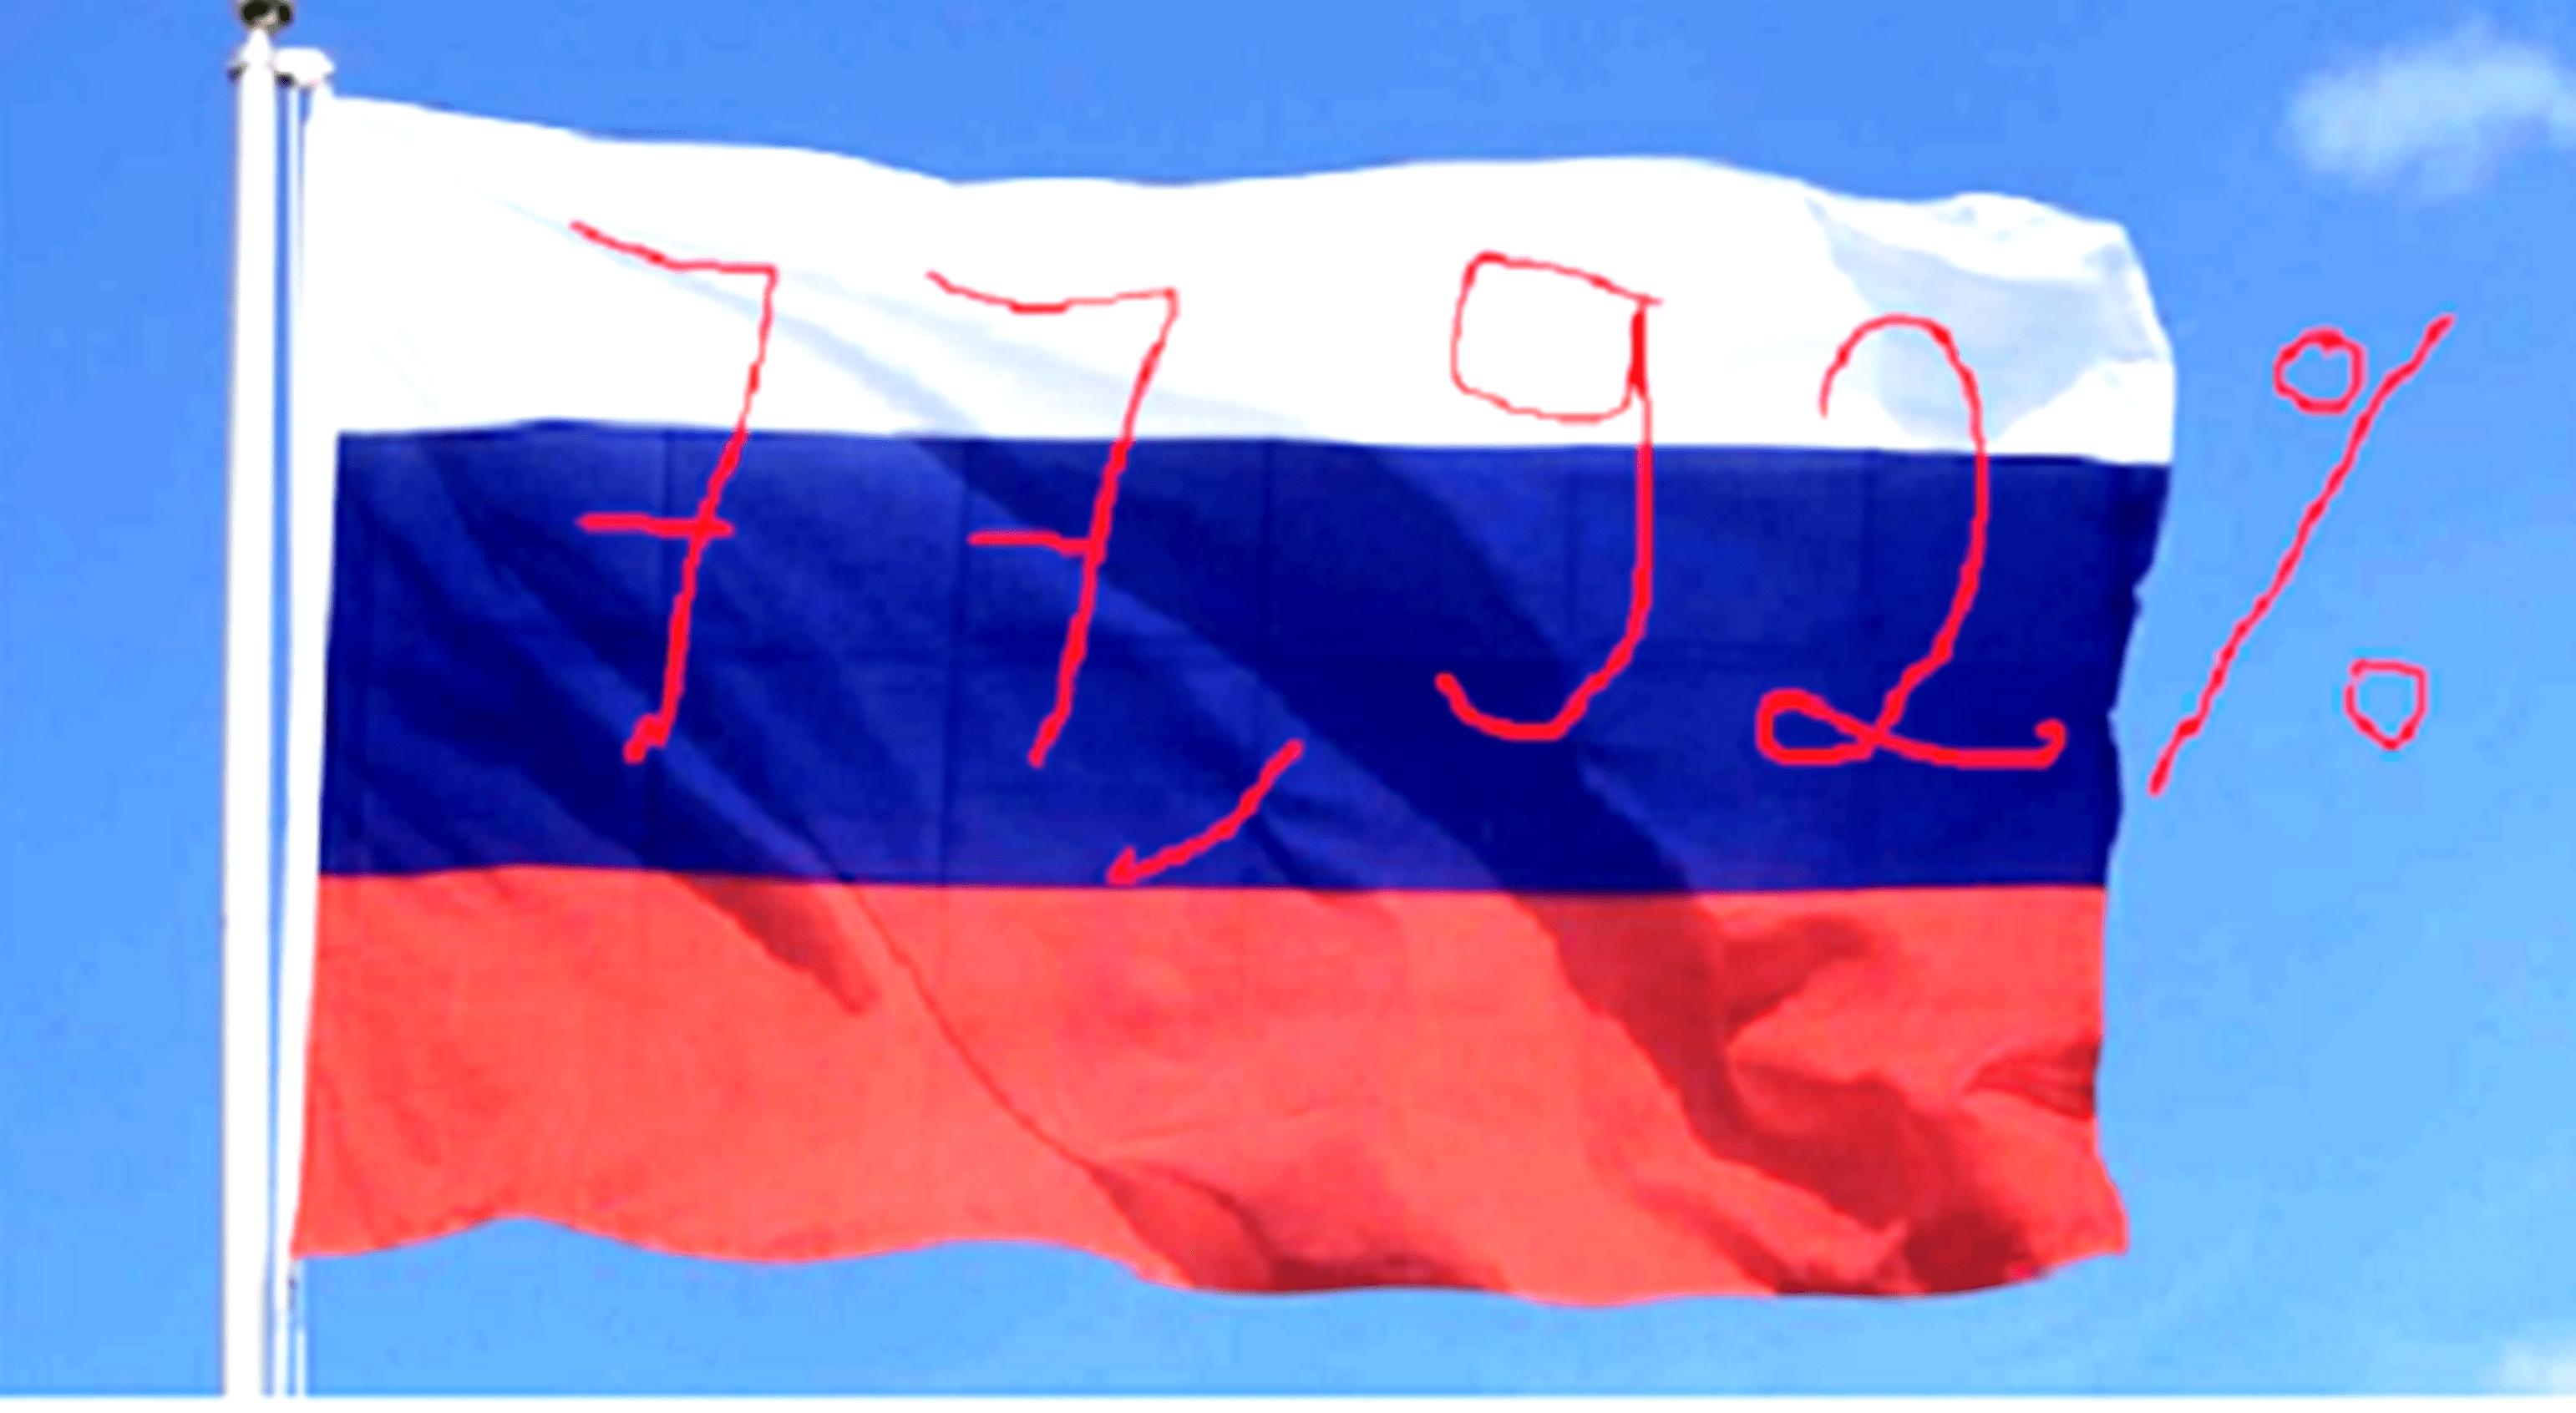 Ρωσικό Δημοψήφισμα : Συσπείρωση του Πληθυσμού Υπέρ της Εθνικής Κυριαρχίας και των Εθνικών Αξιών.